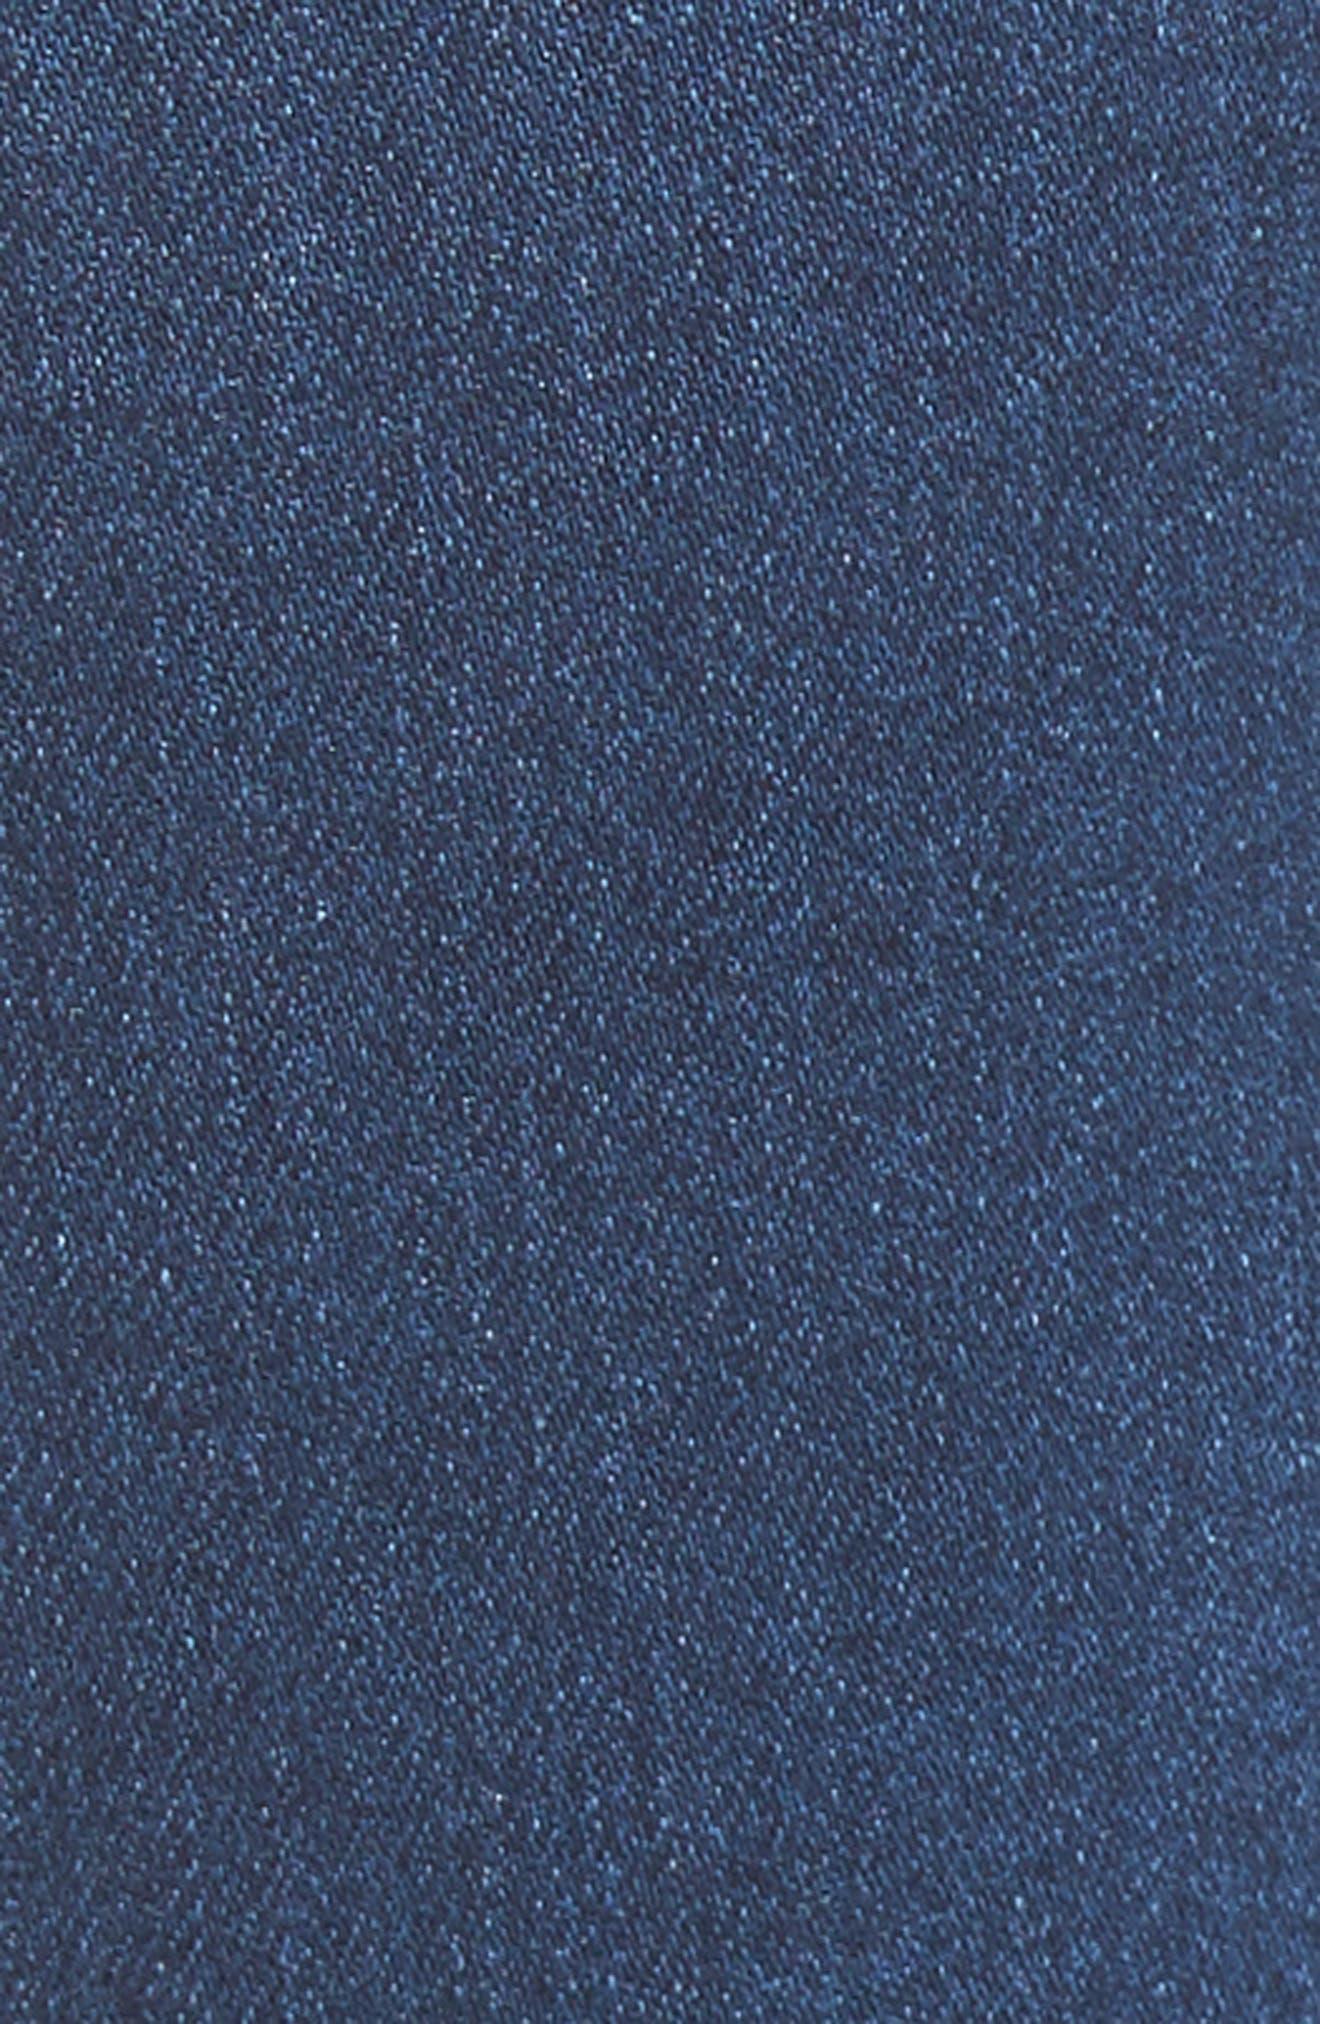 Ruffle Hem Jeans,                             Alternate thumbnail 5, color,                             400